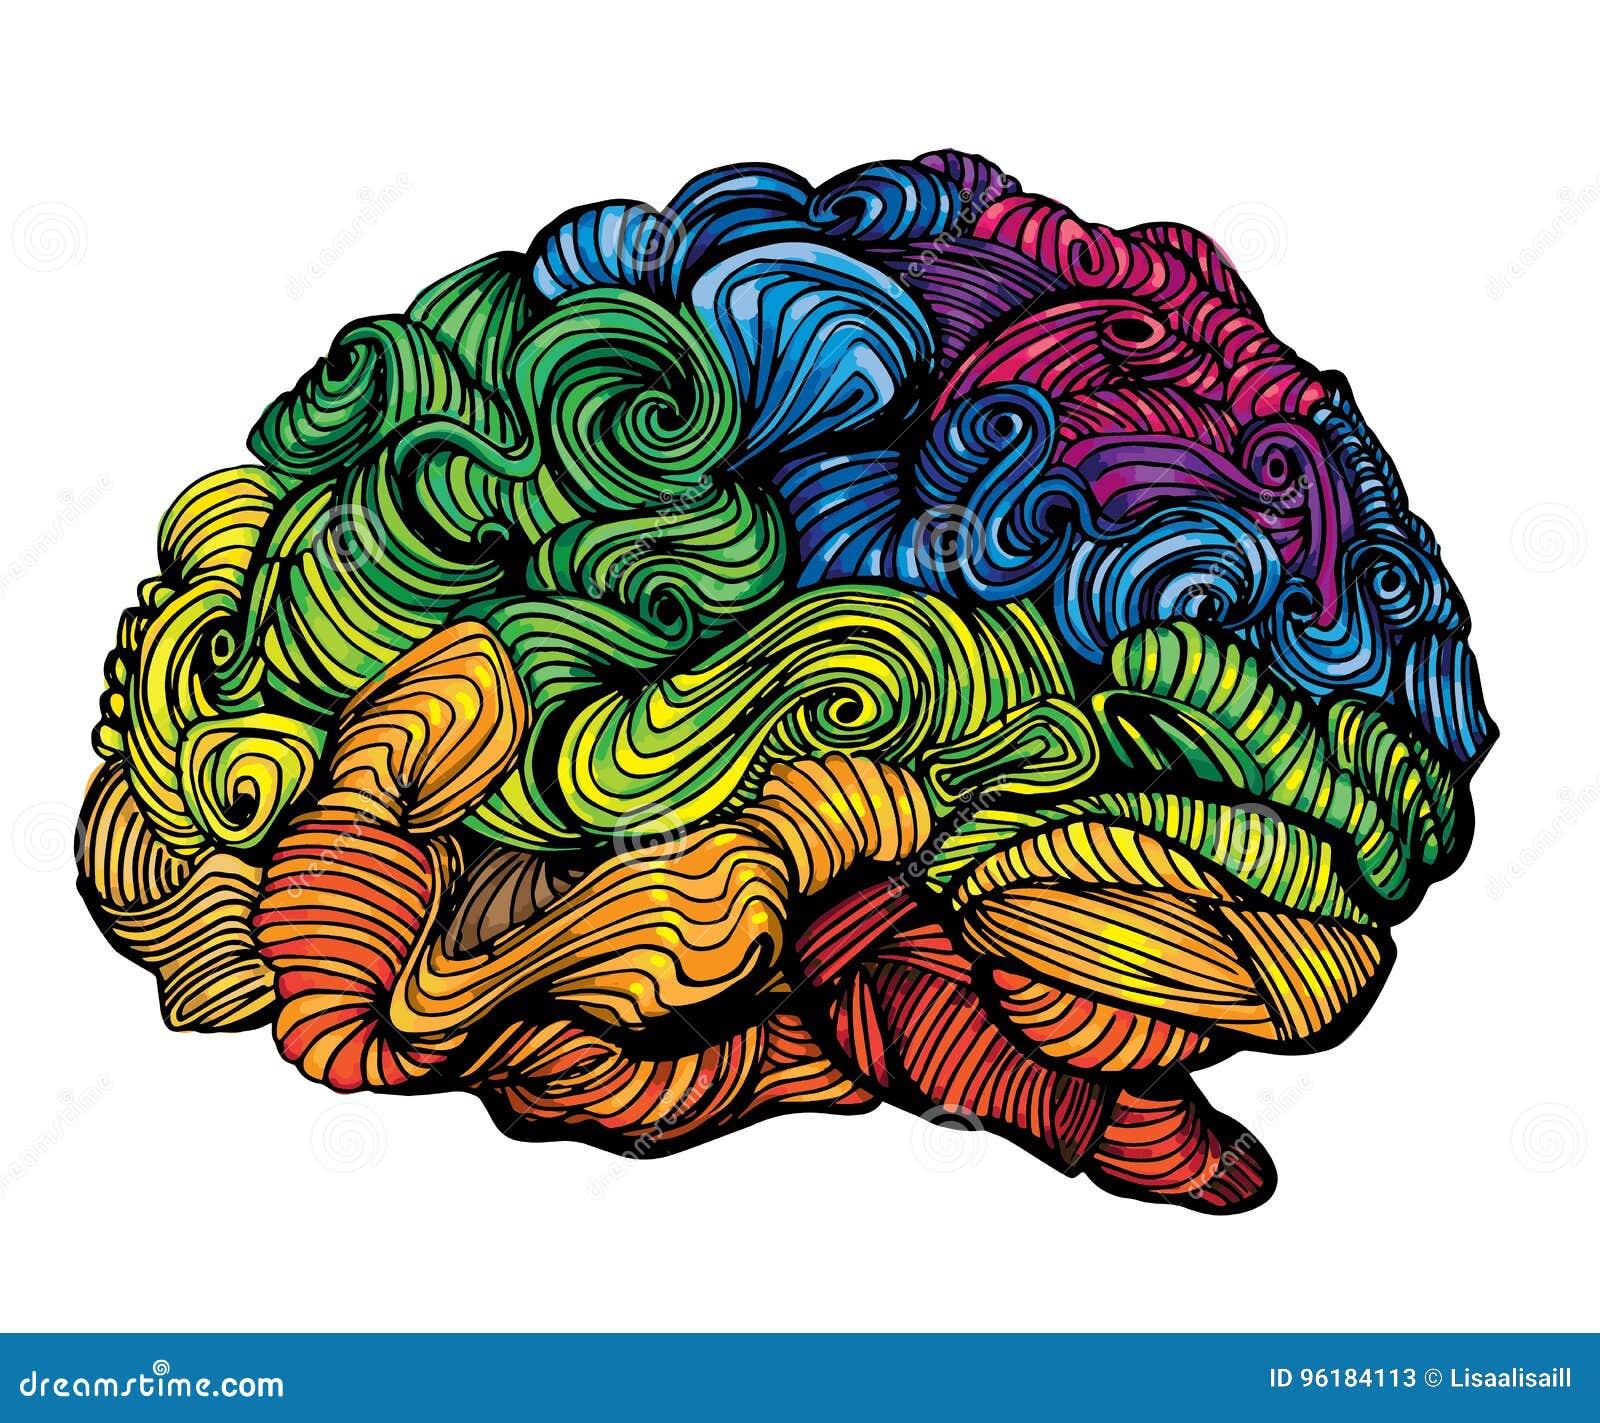 Brain Idea Illustration Concepto del vector del garabato sobre cerebro humano Ejemplo creativo con el cerebro coloreado y el gris